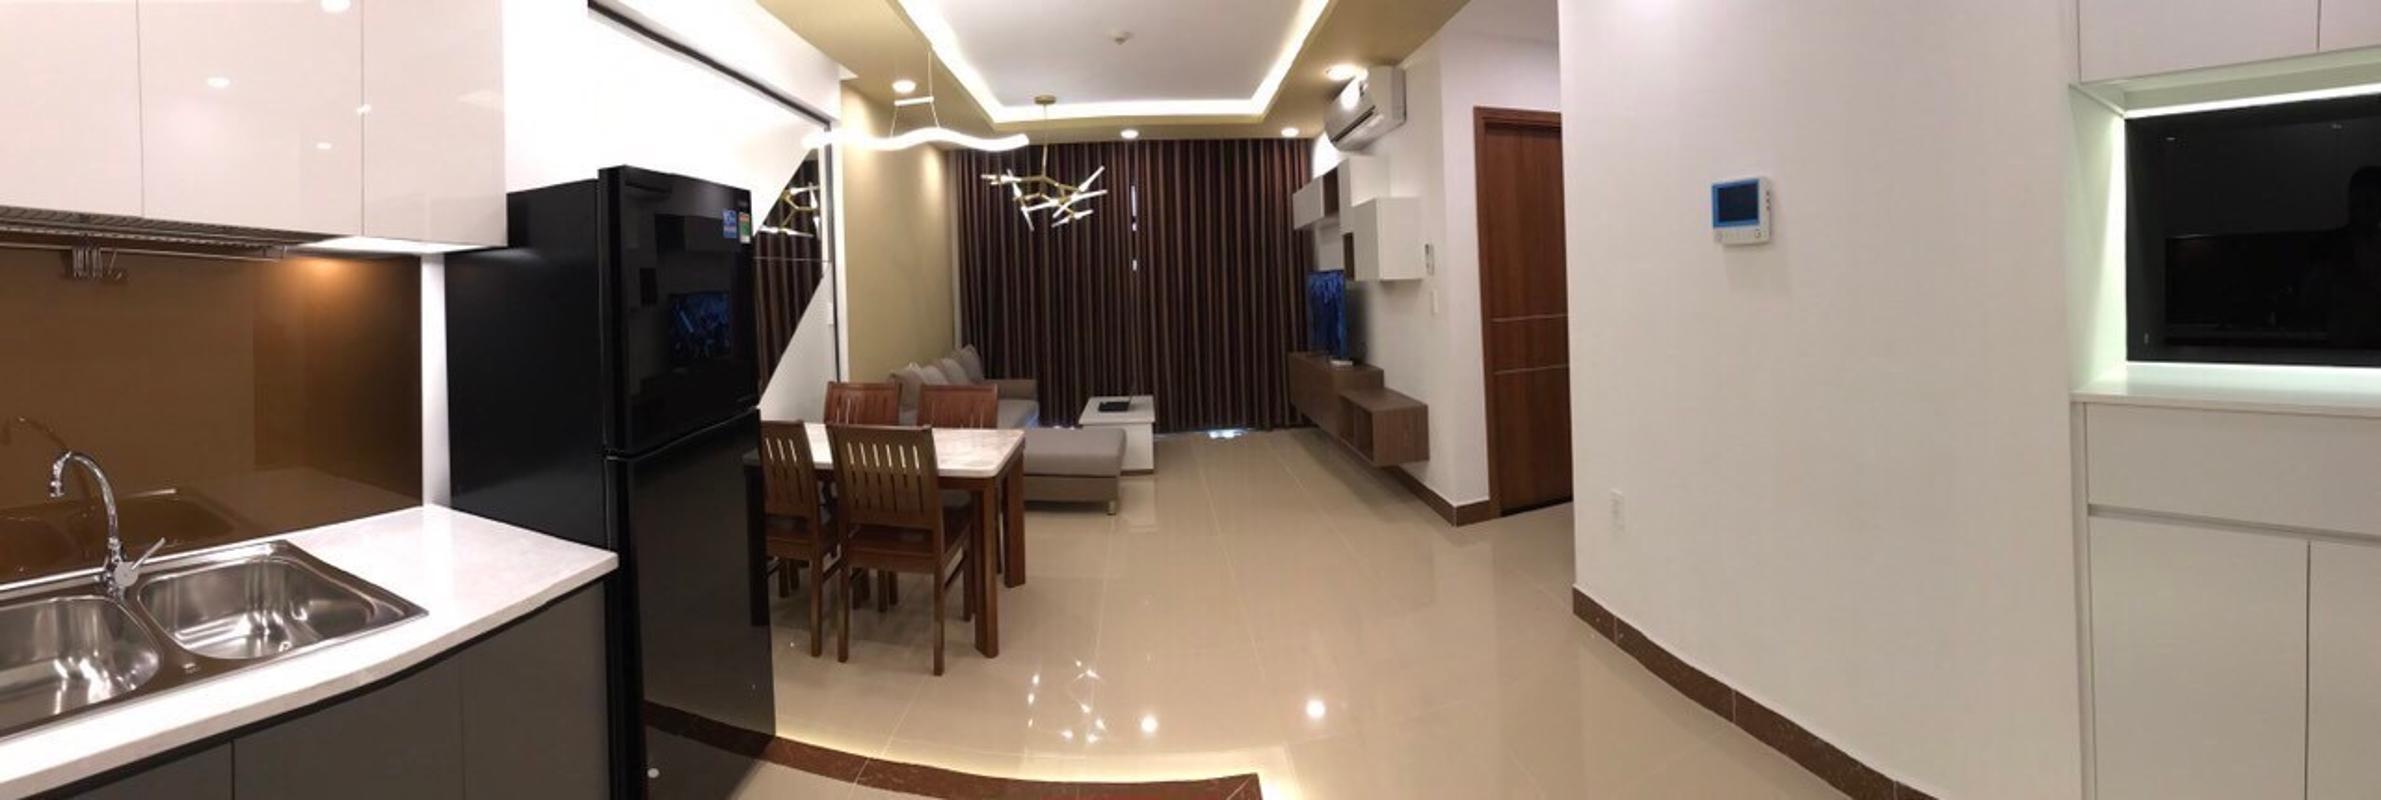 4 Bán căn hộ The Gold View 2PN, tầng trung, đầy đủ nội thất, hướng cửa Tây Nam